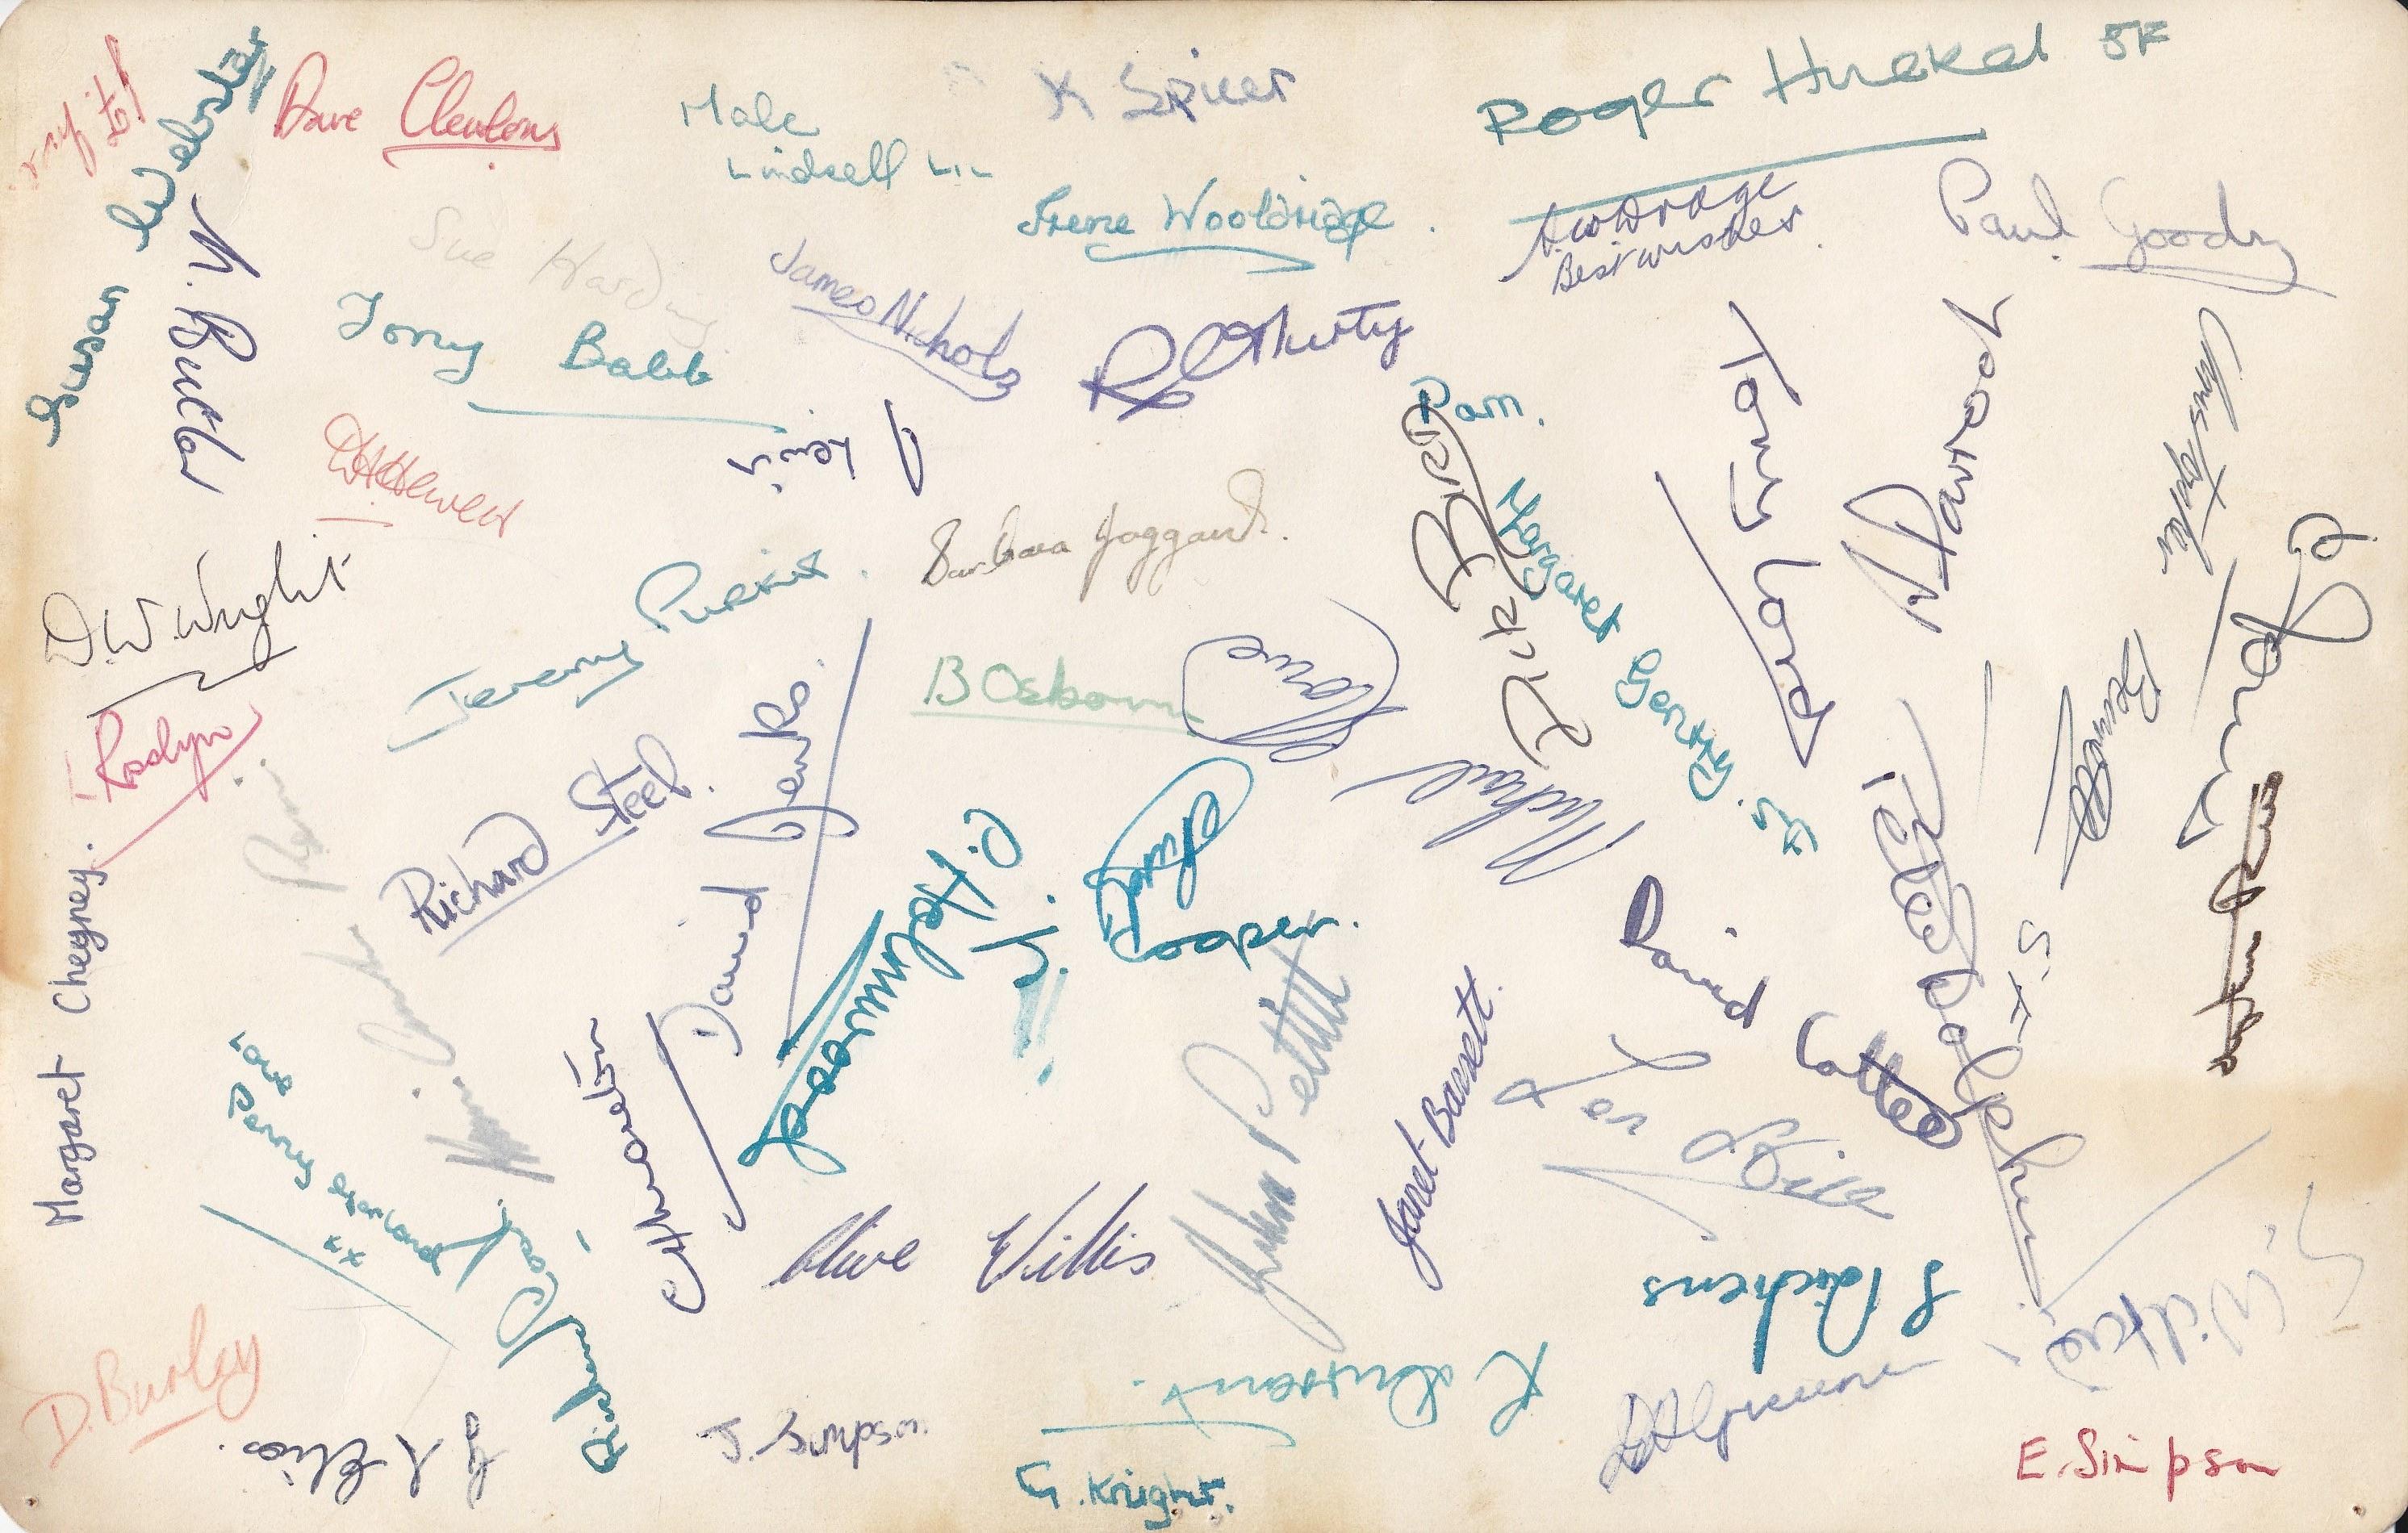 Class 5F 1964 Signatures